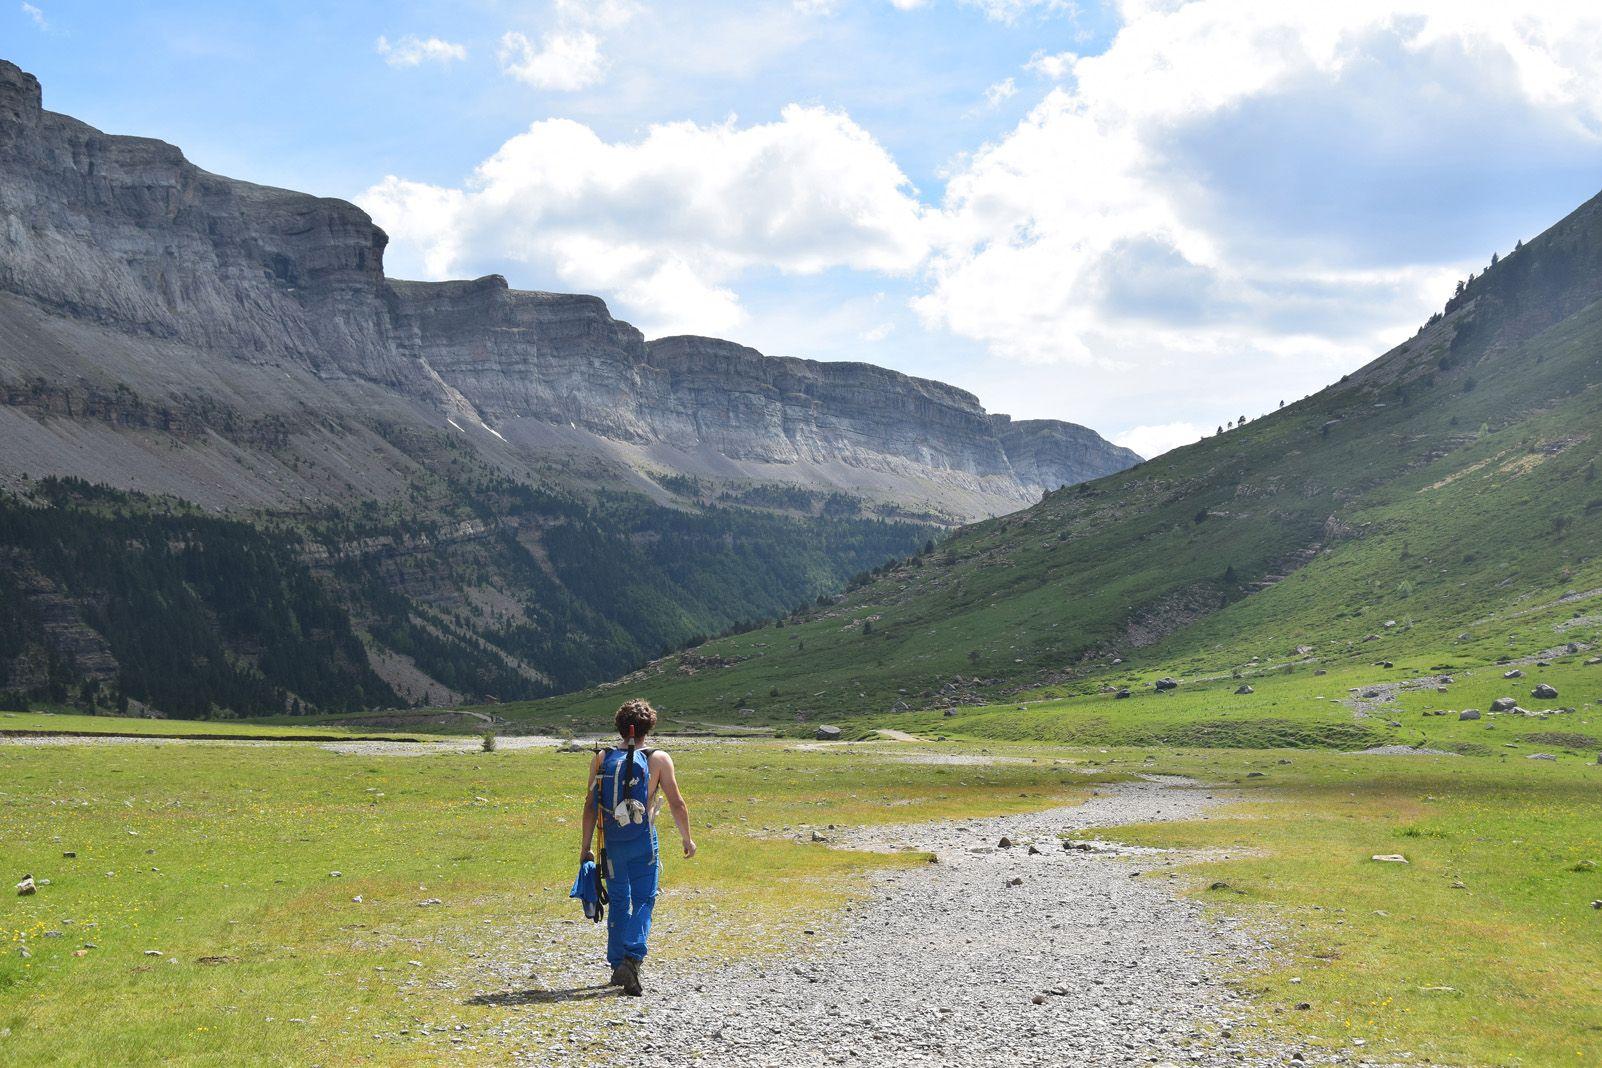 Judith Mayordomo Rebollo   Caminant entre cims,   Valle de Arazas (Parque Nacional de Ordesa y Monte Perdido)